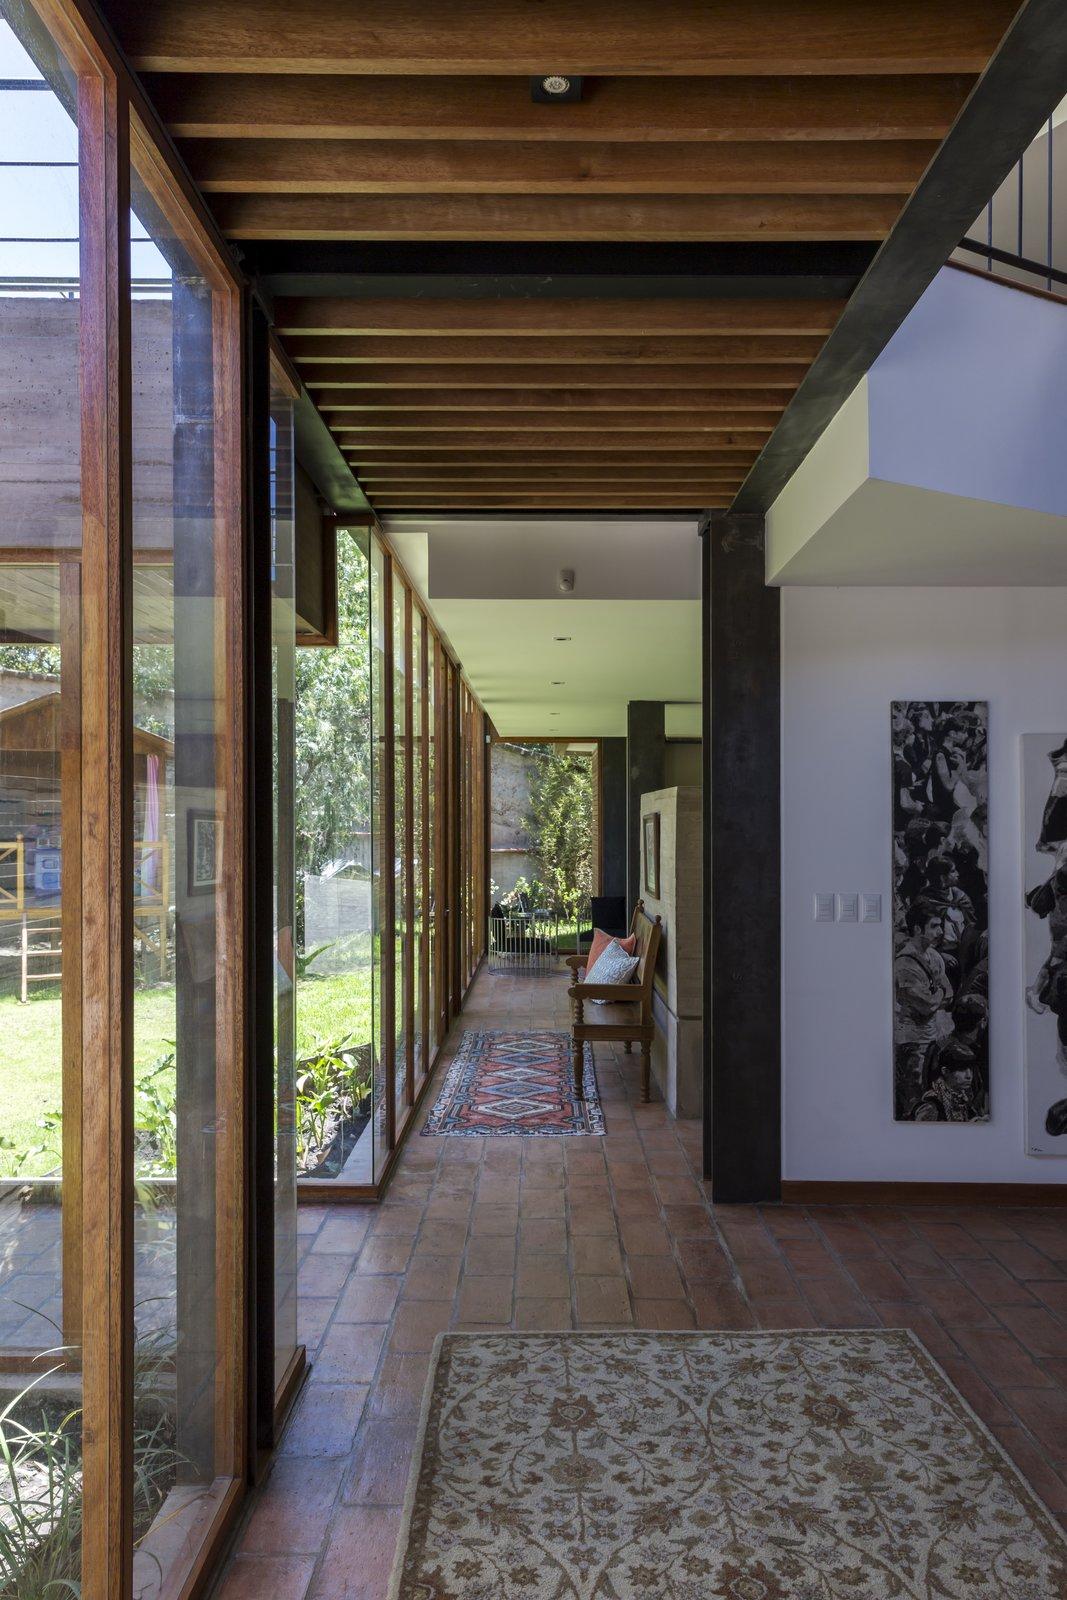 Hallway, Ceramic Tile Floor, and Concrete Floor  La casa en la quebrada by DIEZ + MULLER ARQUITECTOS